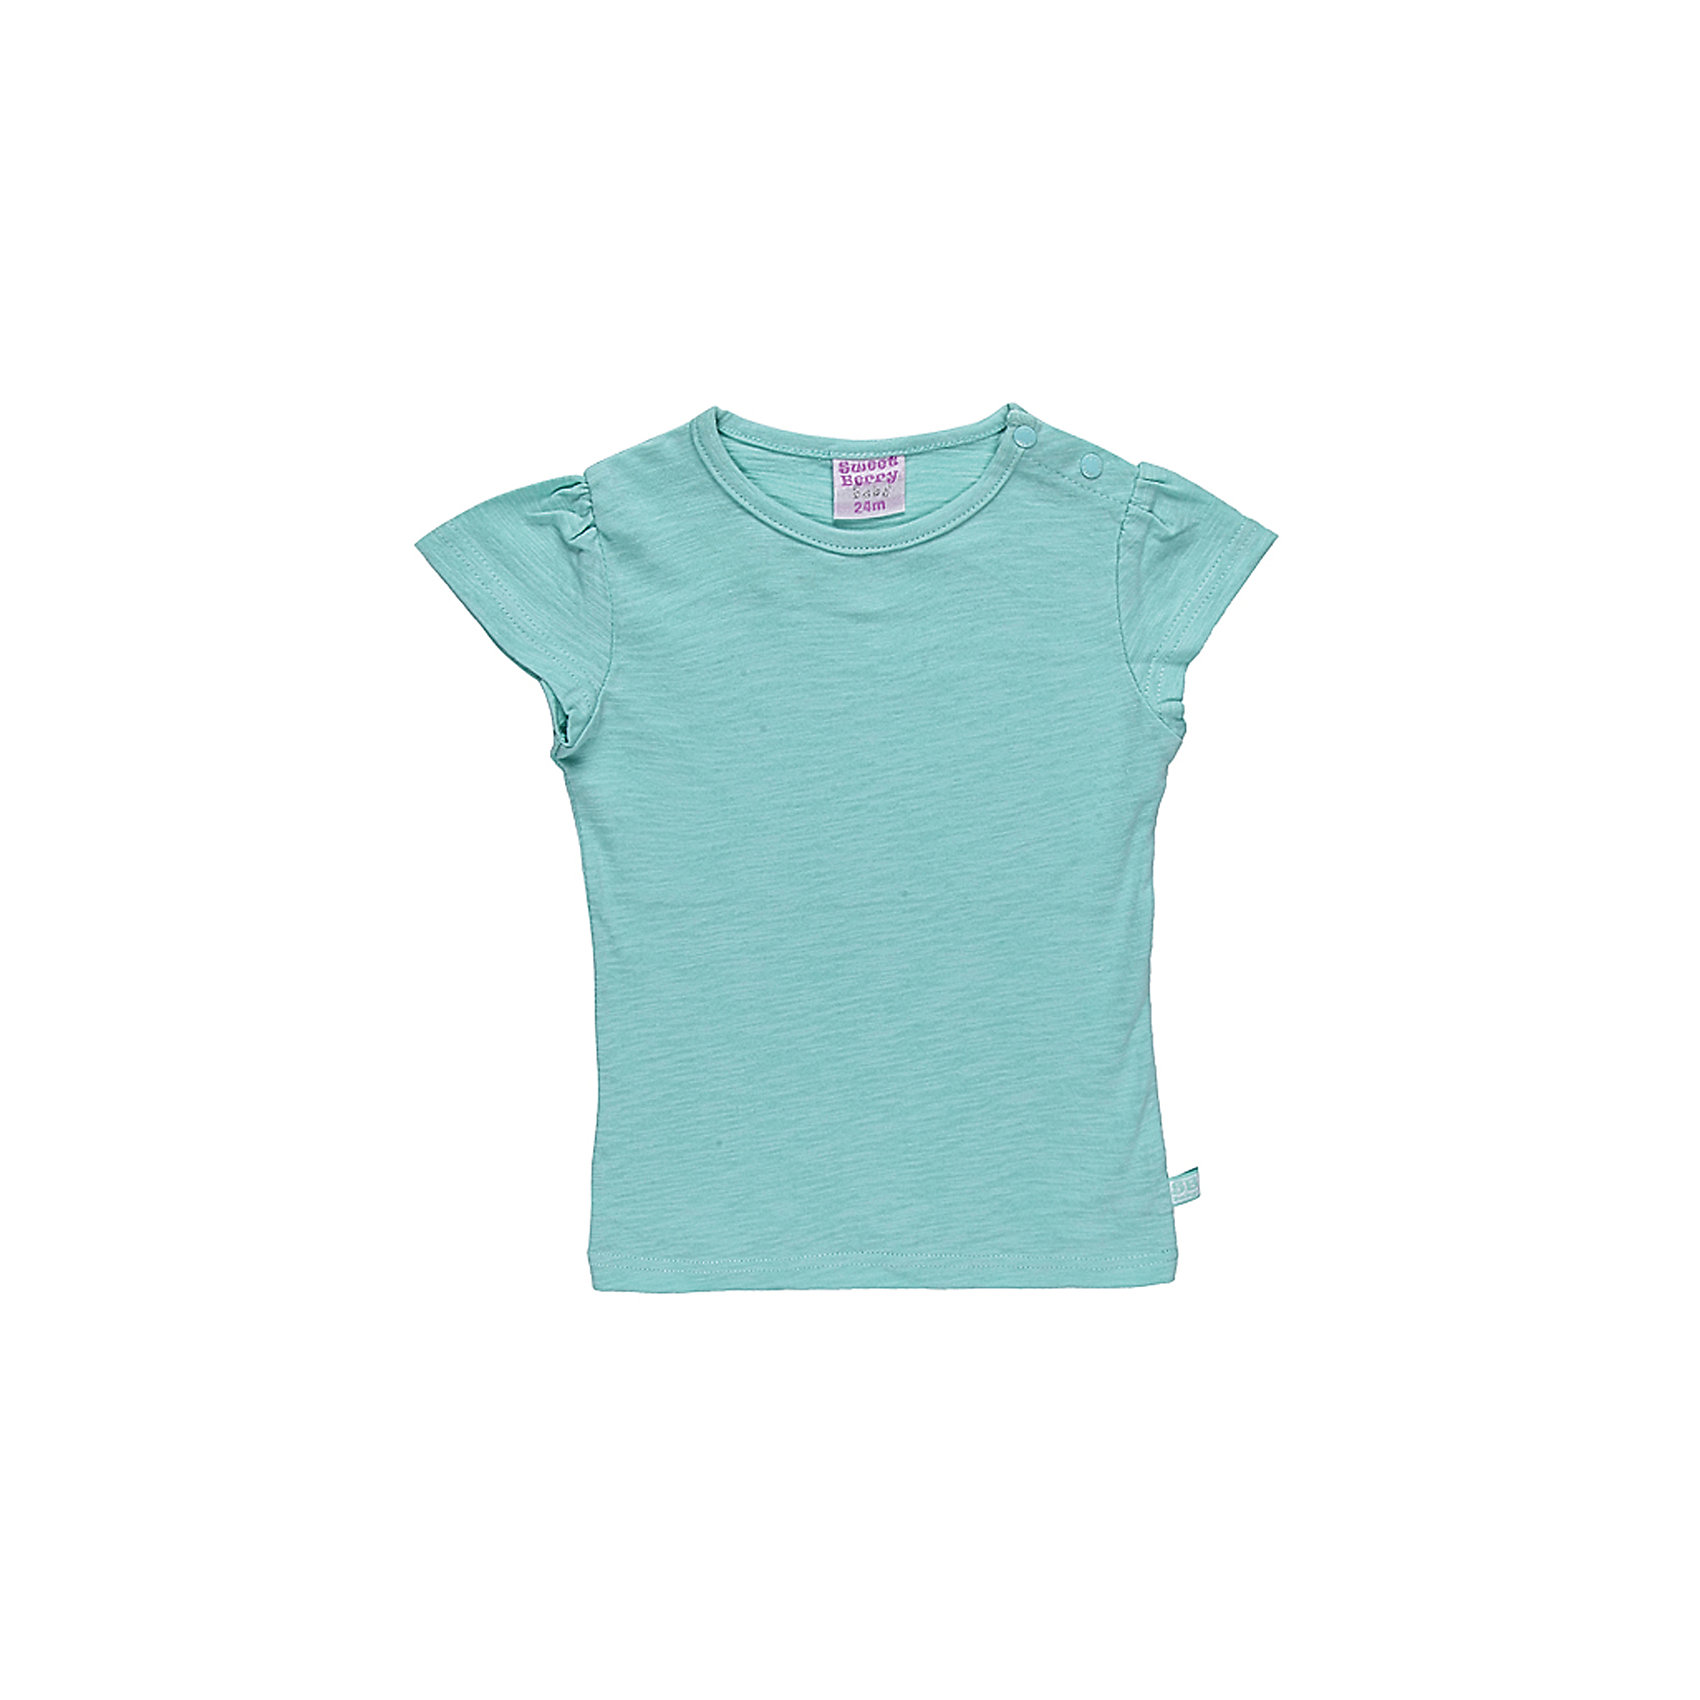 Футболка для девочки Sweet BerryБазовая футболка из эластичного трикотажа. Футболка приталенного силуэта.По рукаву сборка.<br>Состав:<br>100% хлопок<br><br>Ширина мм: 199<br>Глубина мм: 10<br>Высота мм: 161<br>Вес г: 151<br>Цвет: зеленый<br>Возраст от месяцев: 24<br>Возраст до месяцев: 36<br>Пол: Женский<br>Возраст: Детский<br>Размер: 98,86,92,80<br>SKU: 4520616